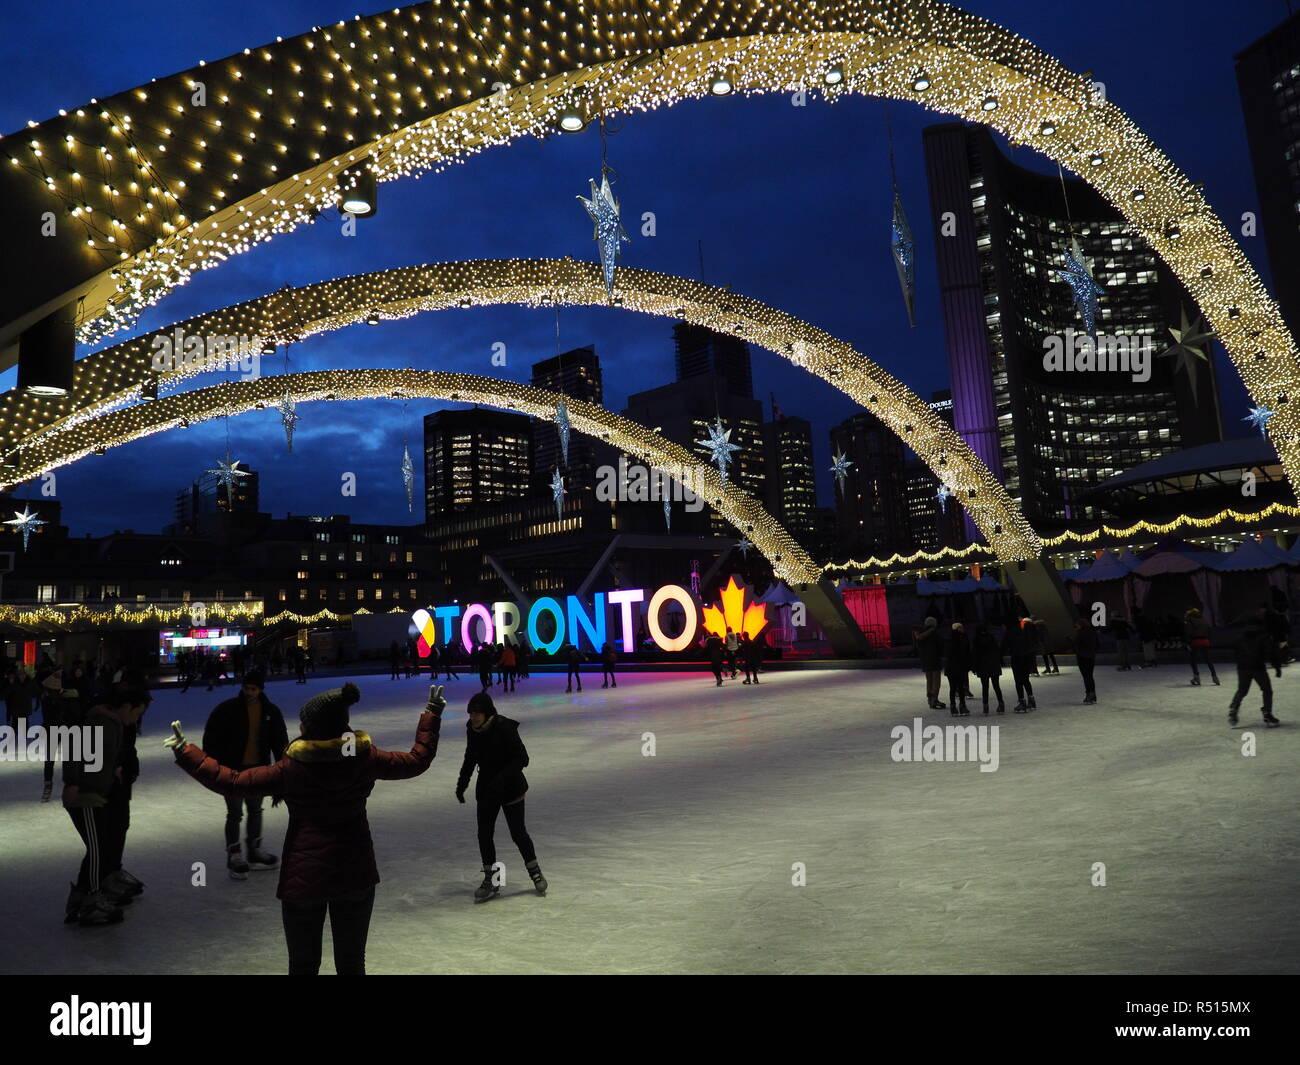 Moderne Weihnachtsbeleuchtung.Eislaufbahn Mit Weihnachtsbeleuchtung Und Beleuchtete Toronto